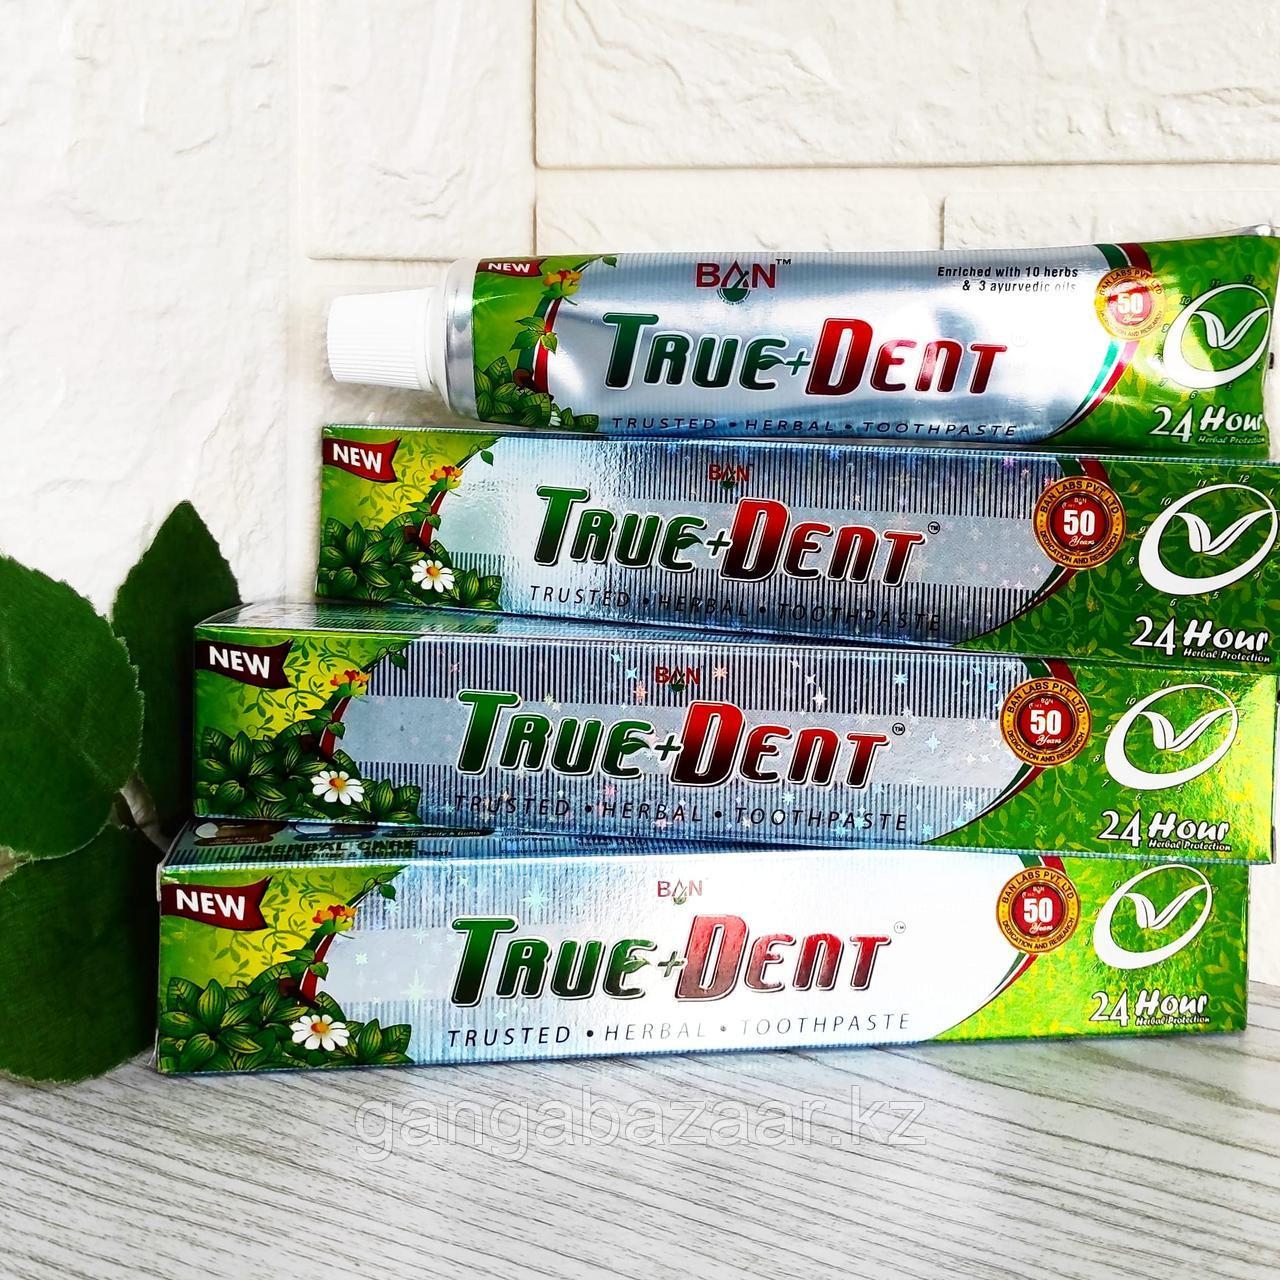 Аюрведическая зубная паста ТруДент (TrueDent, Ban Labs), Индия, 100 гр